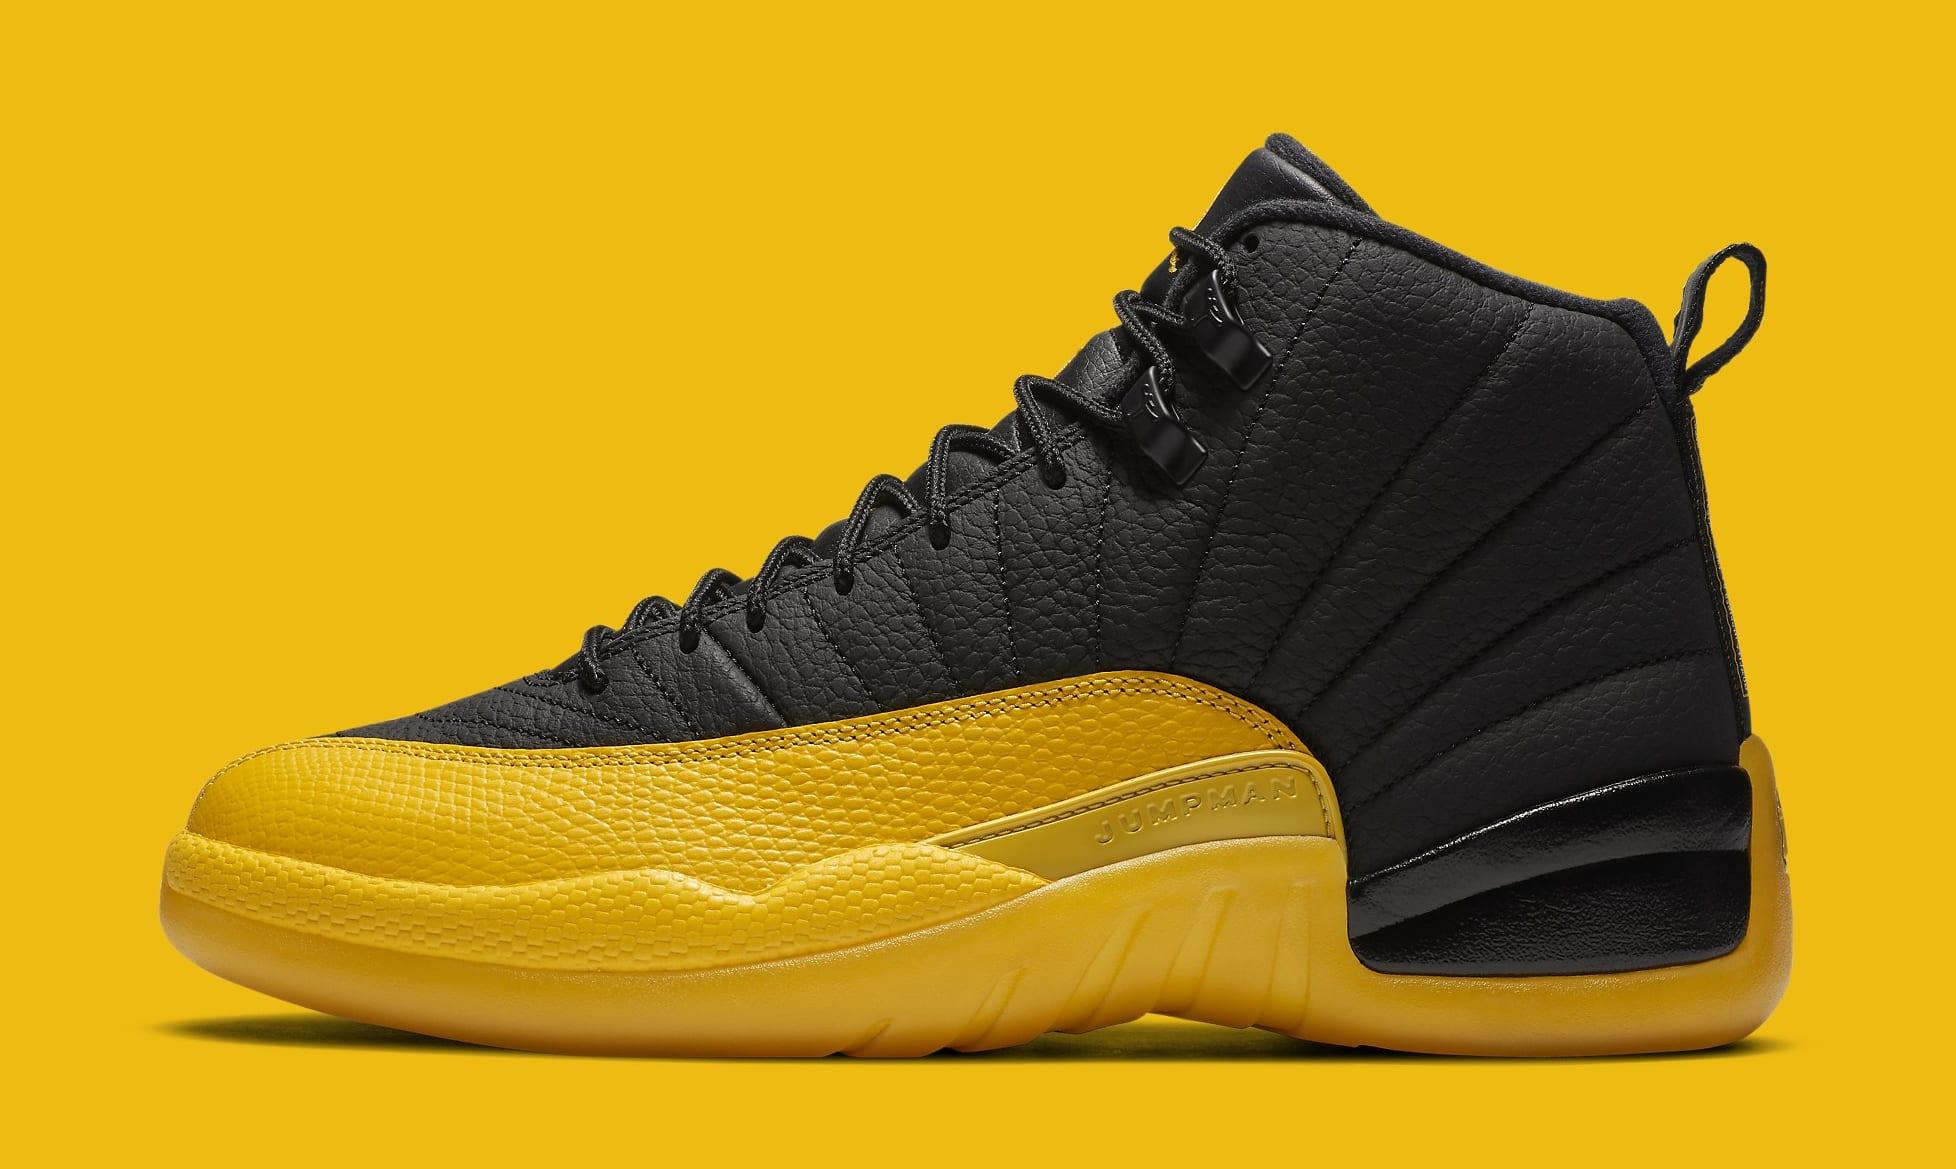 University Gold' Air Jordan 12 Release